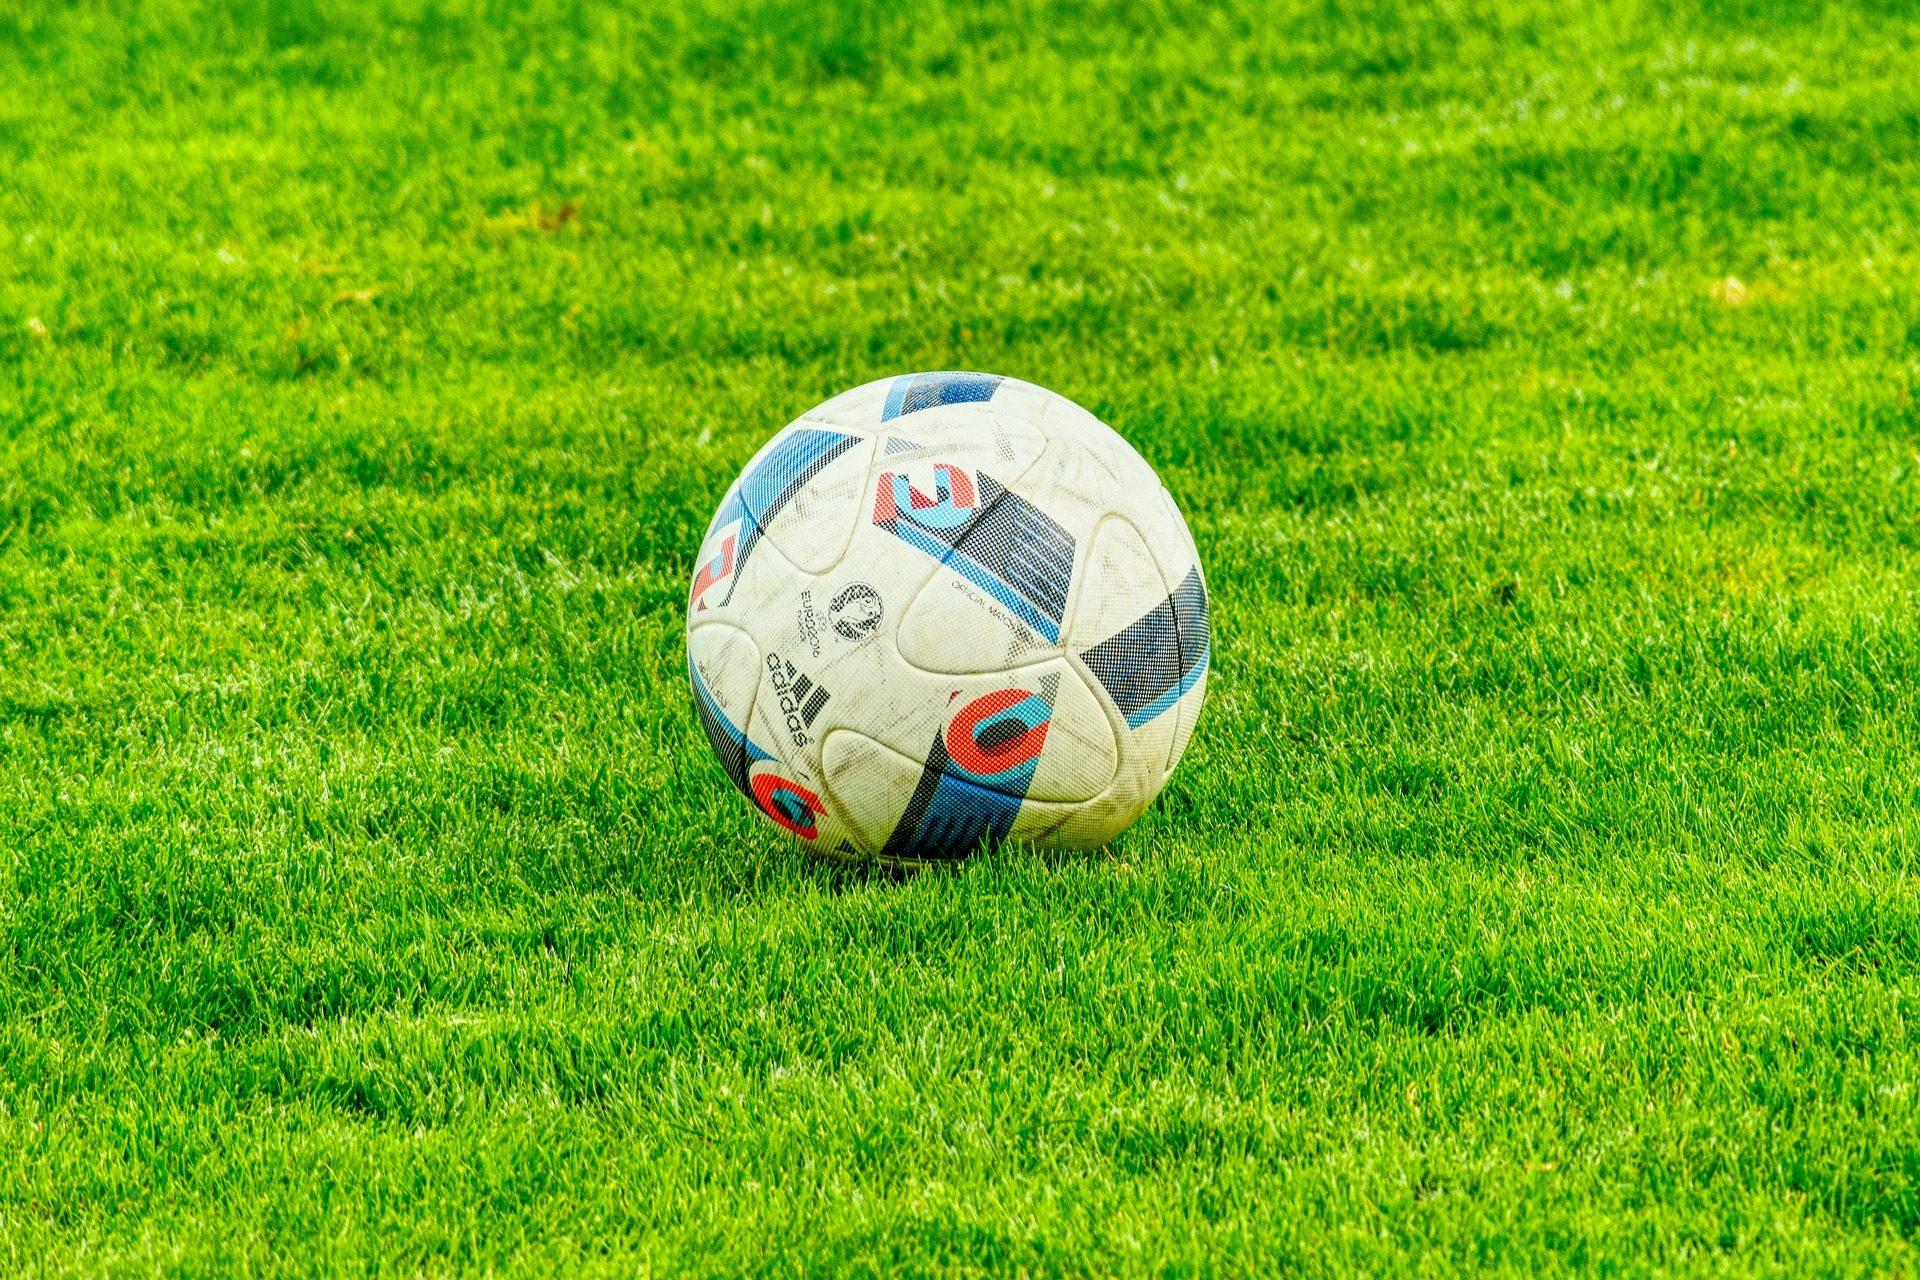 Fondo de pantalla de bal n pelota f tbol campo cesped for Fotos de futbol para fondo de pantalla